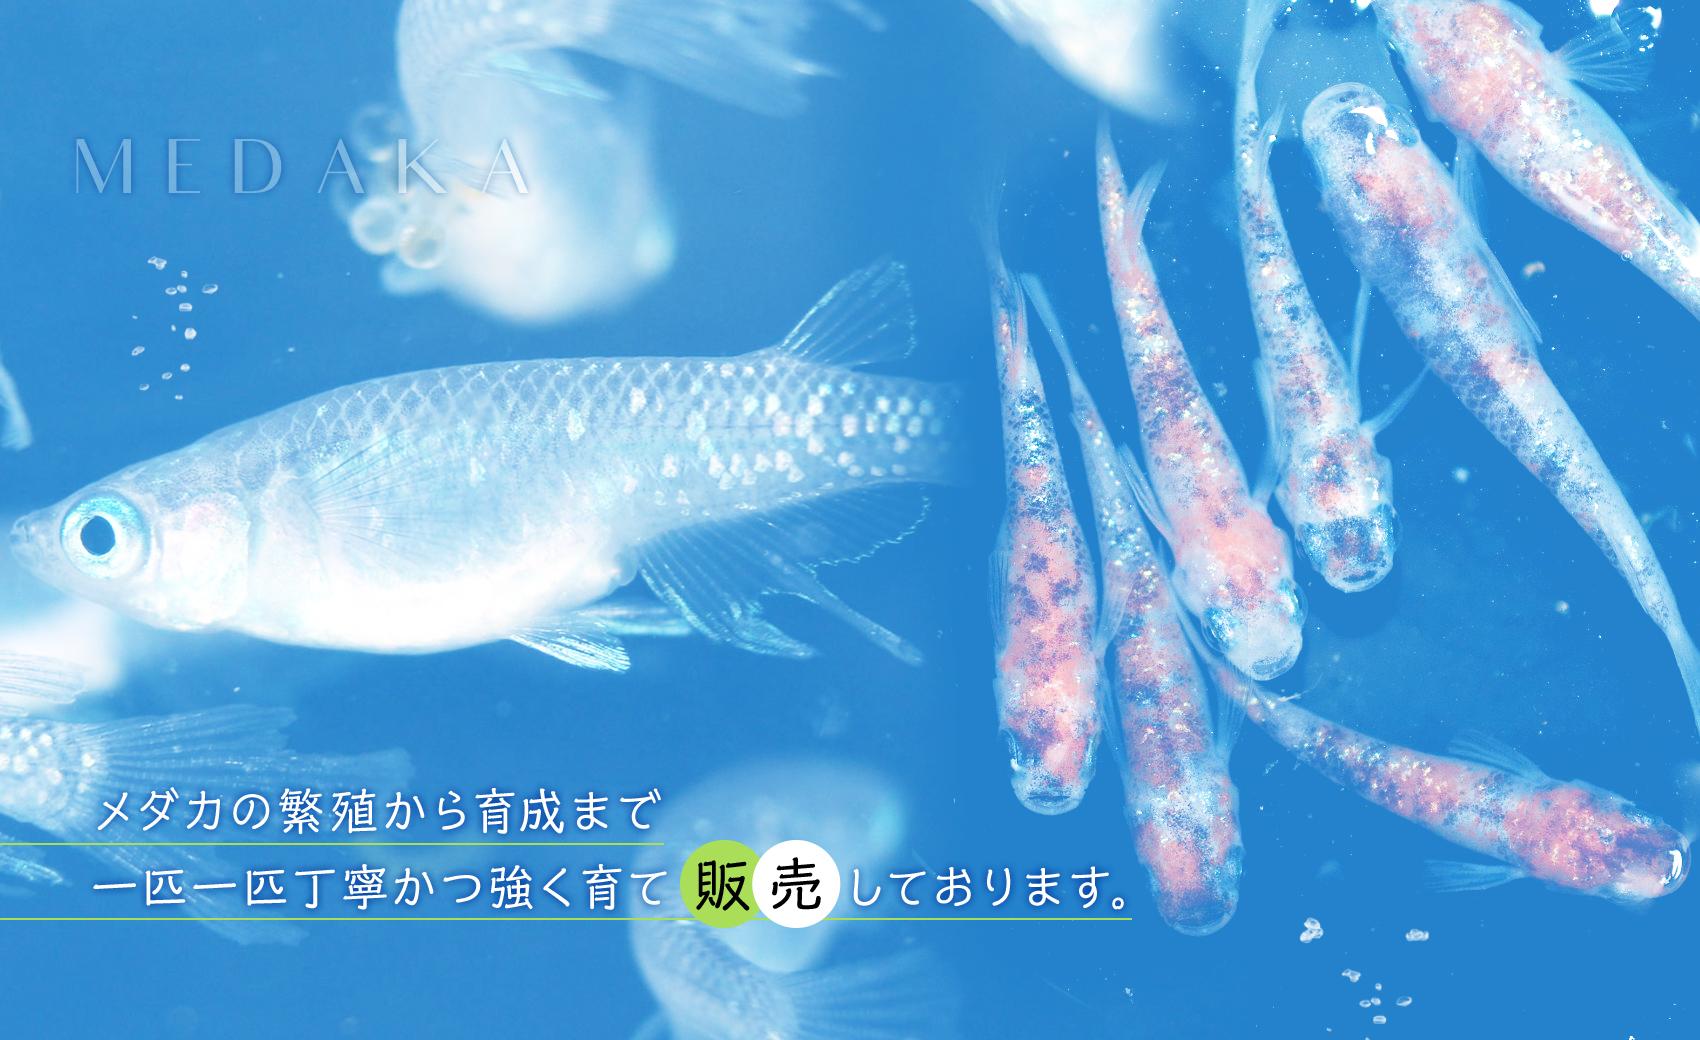 メダカの繁殖から育成まで一匹一匹丁寧かつ強く育て販売しております。